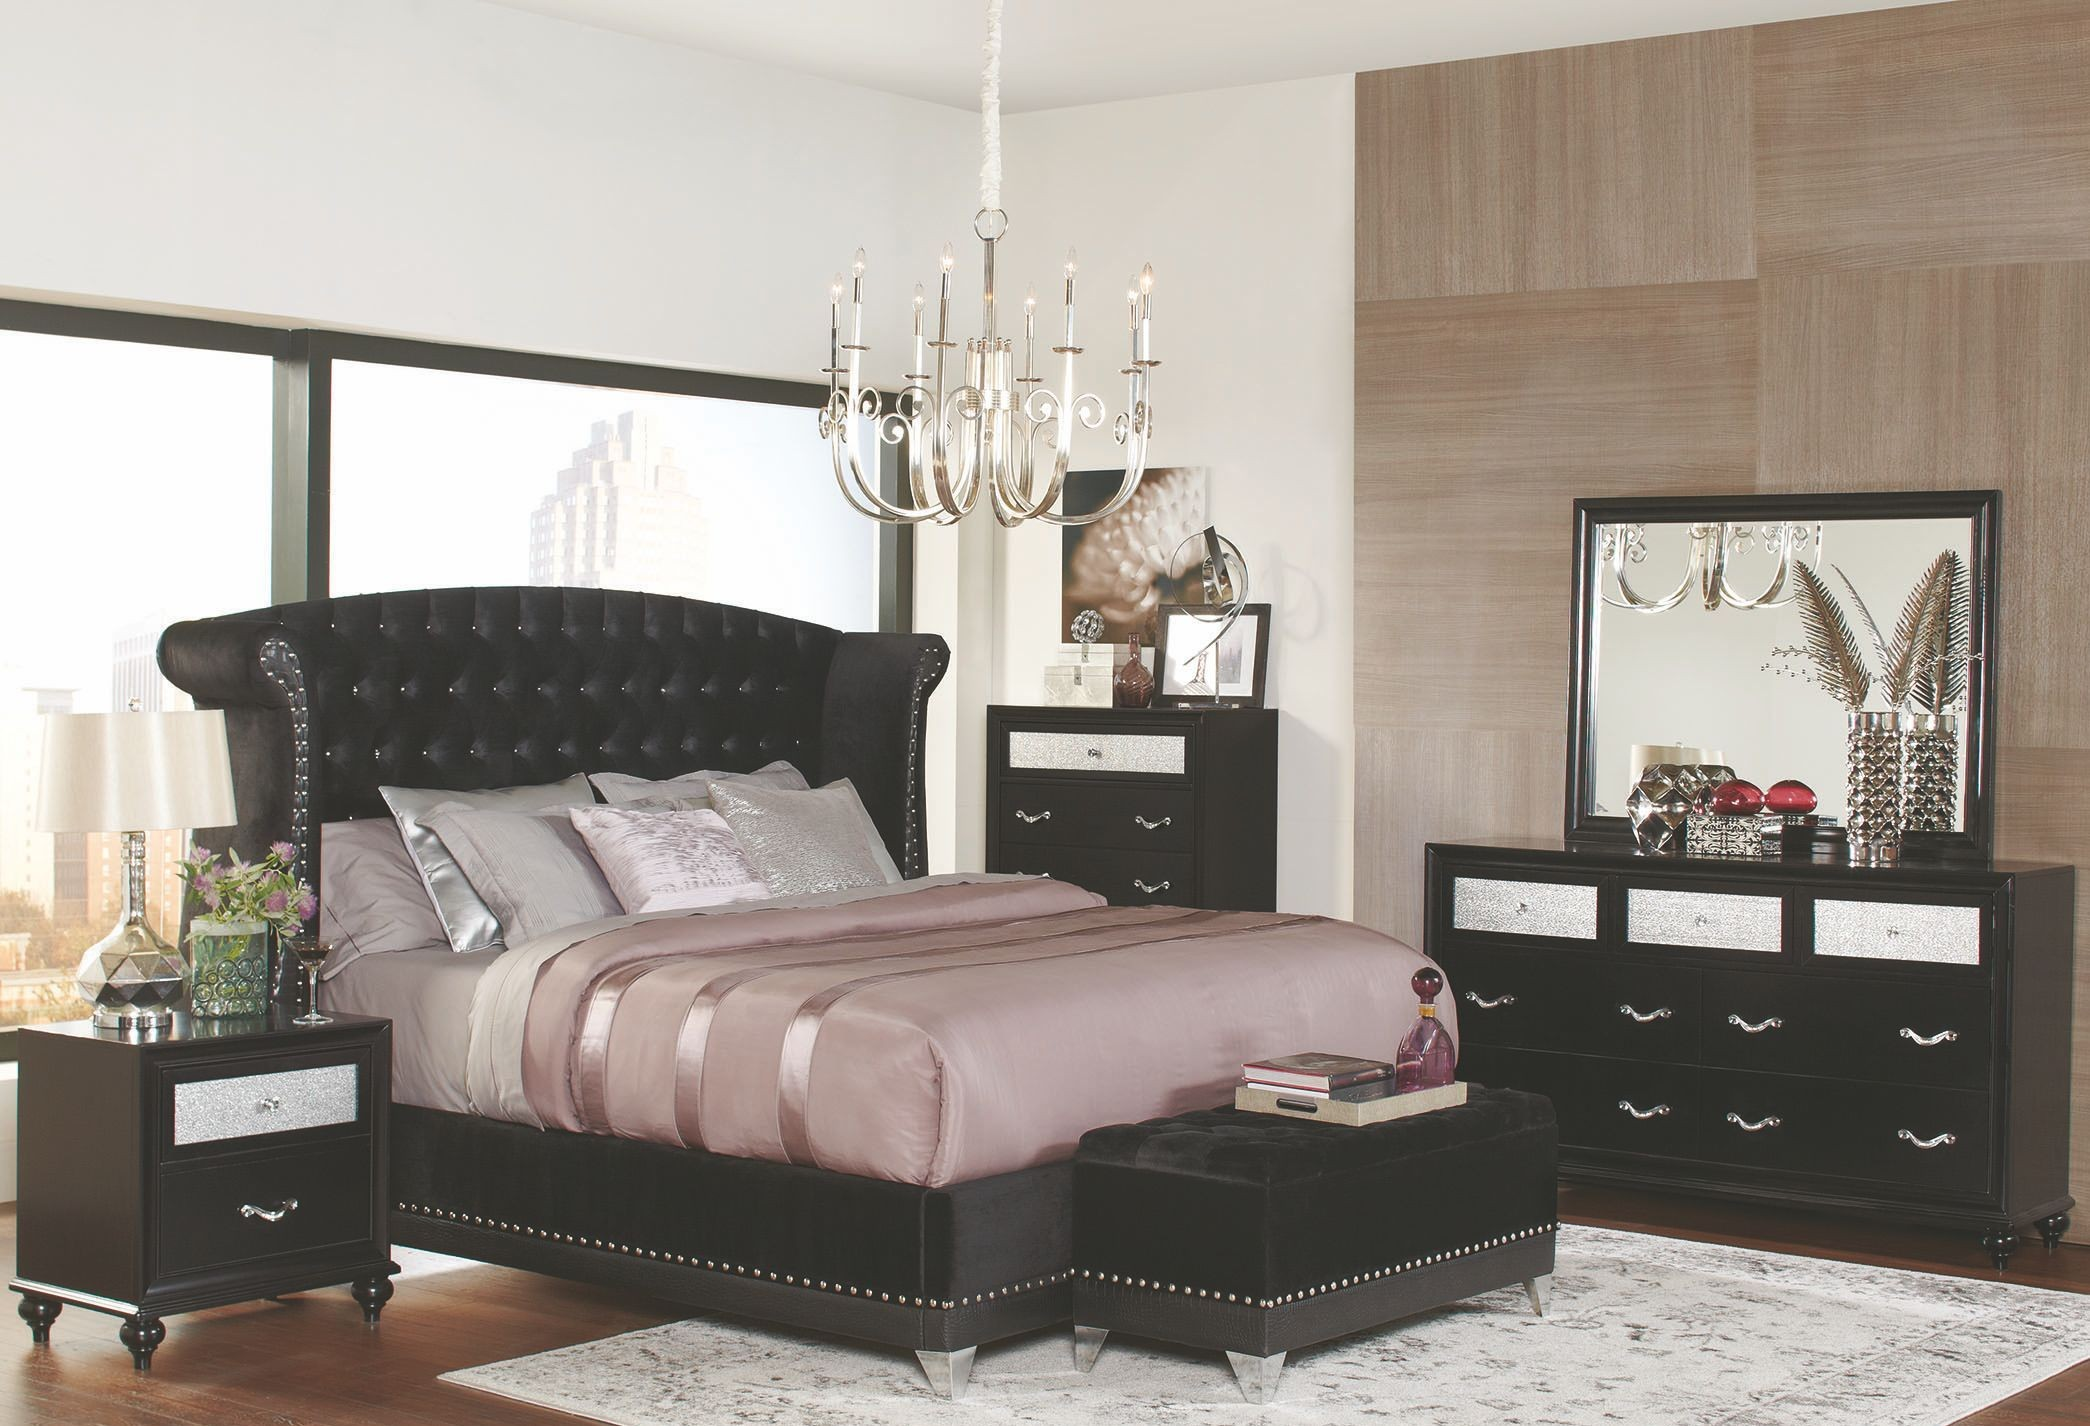 Barzini Black Upholstered King Upholstered Platform Bed